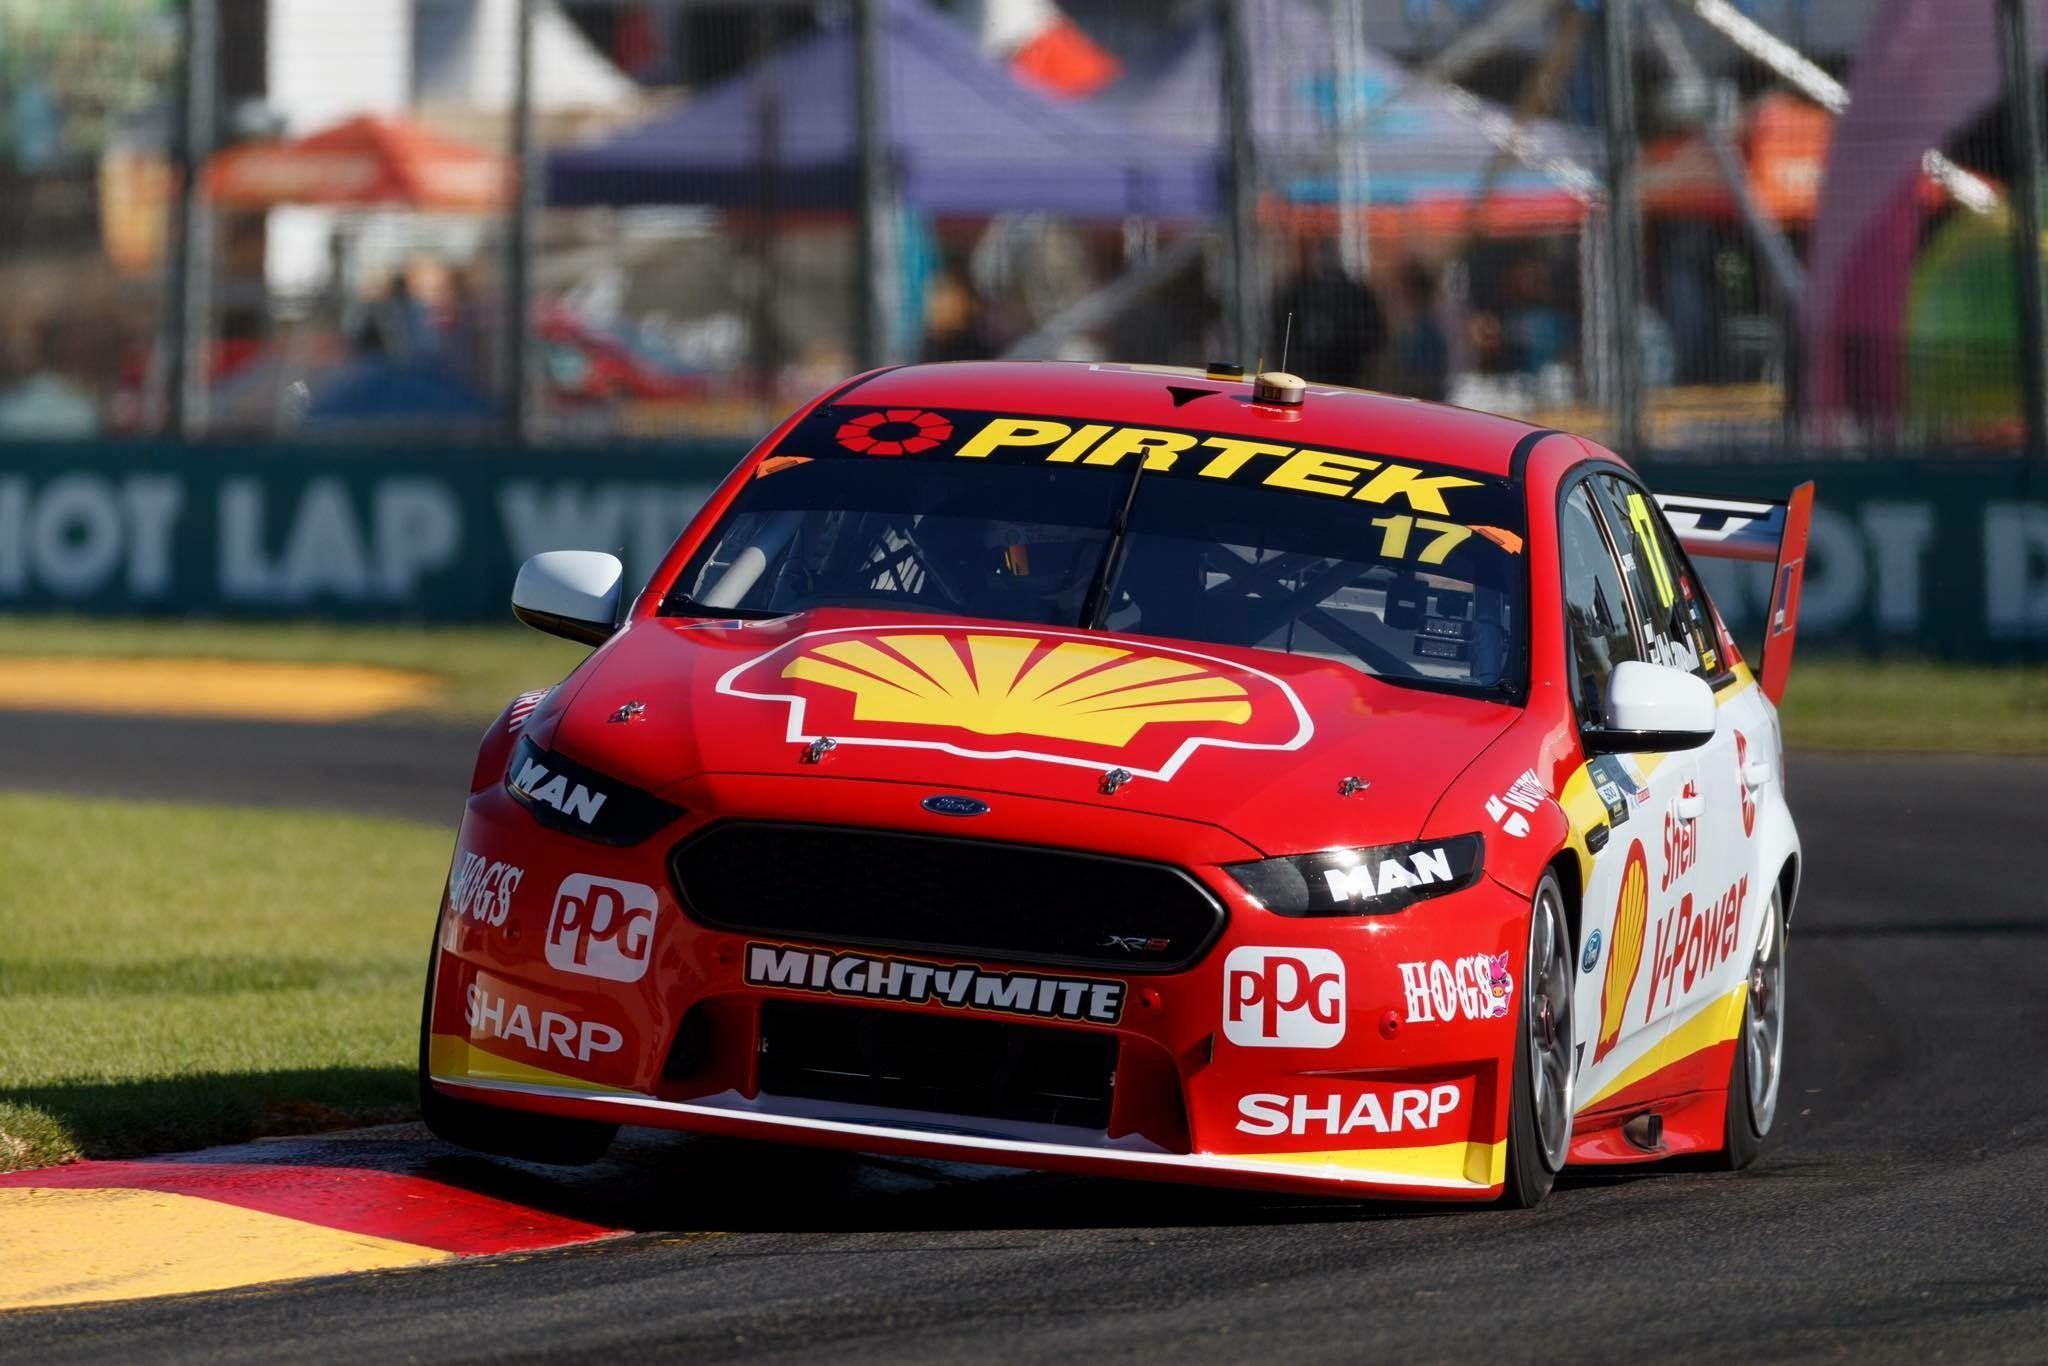 Djrtp Scott Mclaughlin 2017 Clipsal 500 Adelaide Sa V8